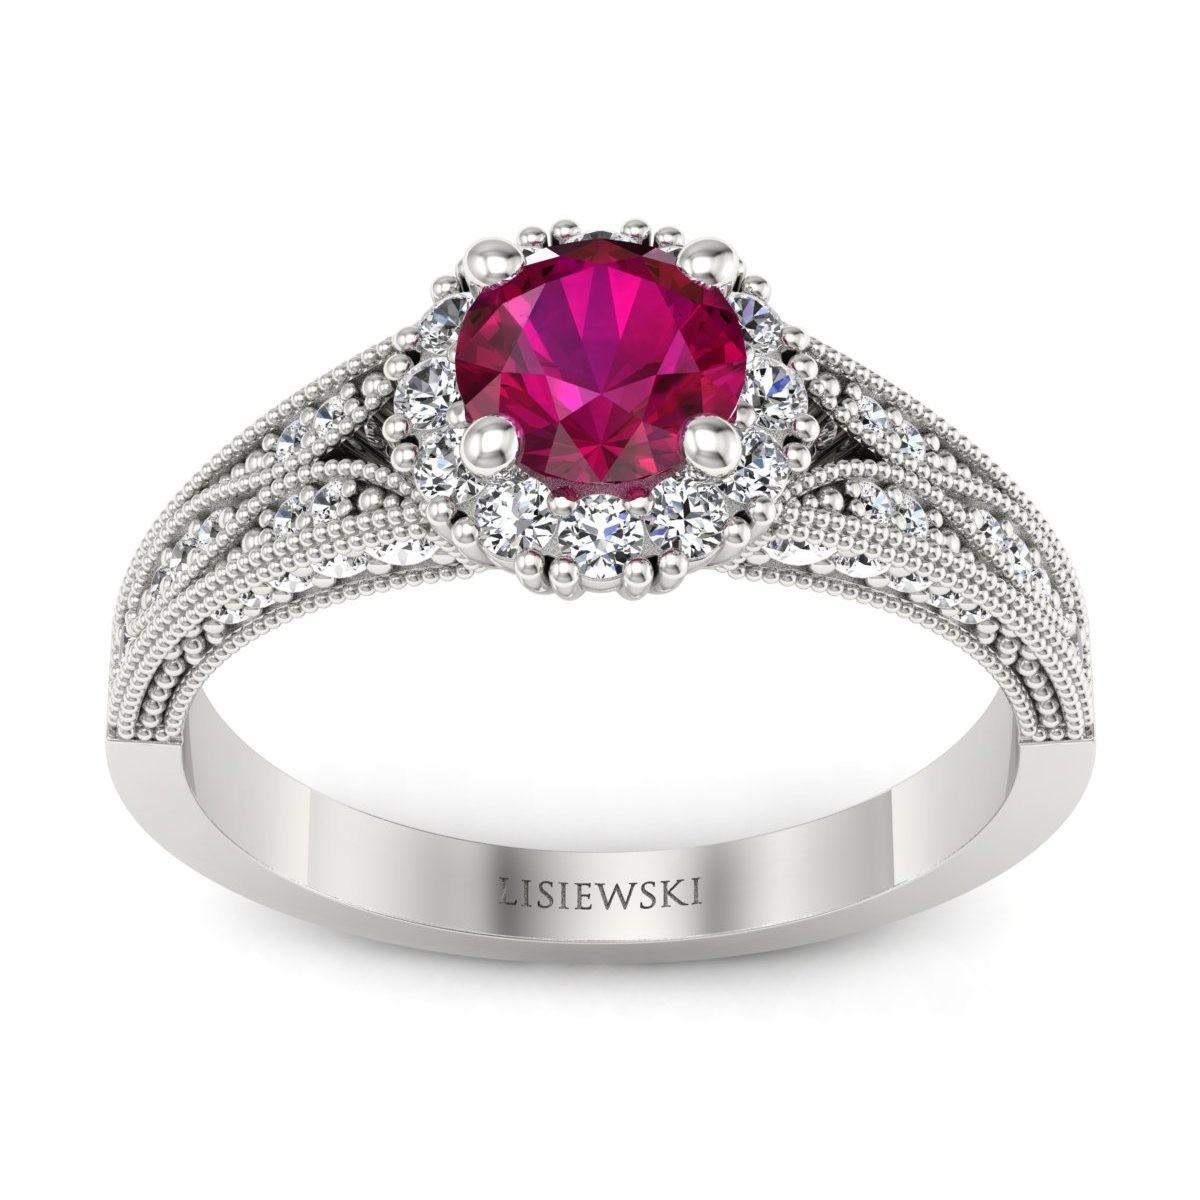 Eve - Pierścionek z rubinem i diamentami